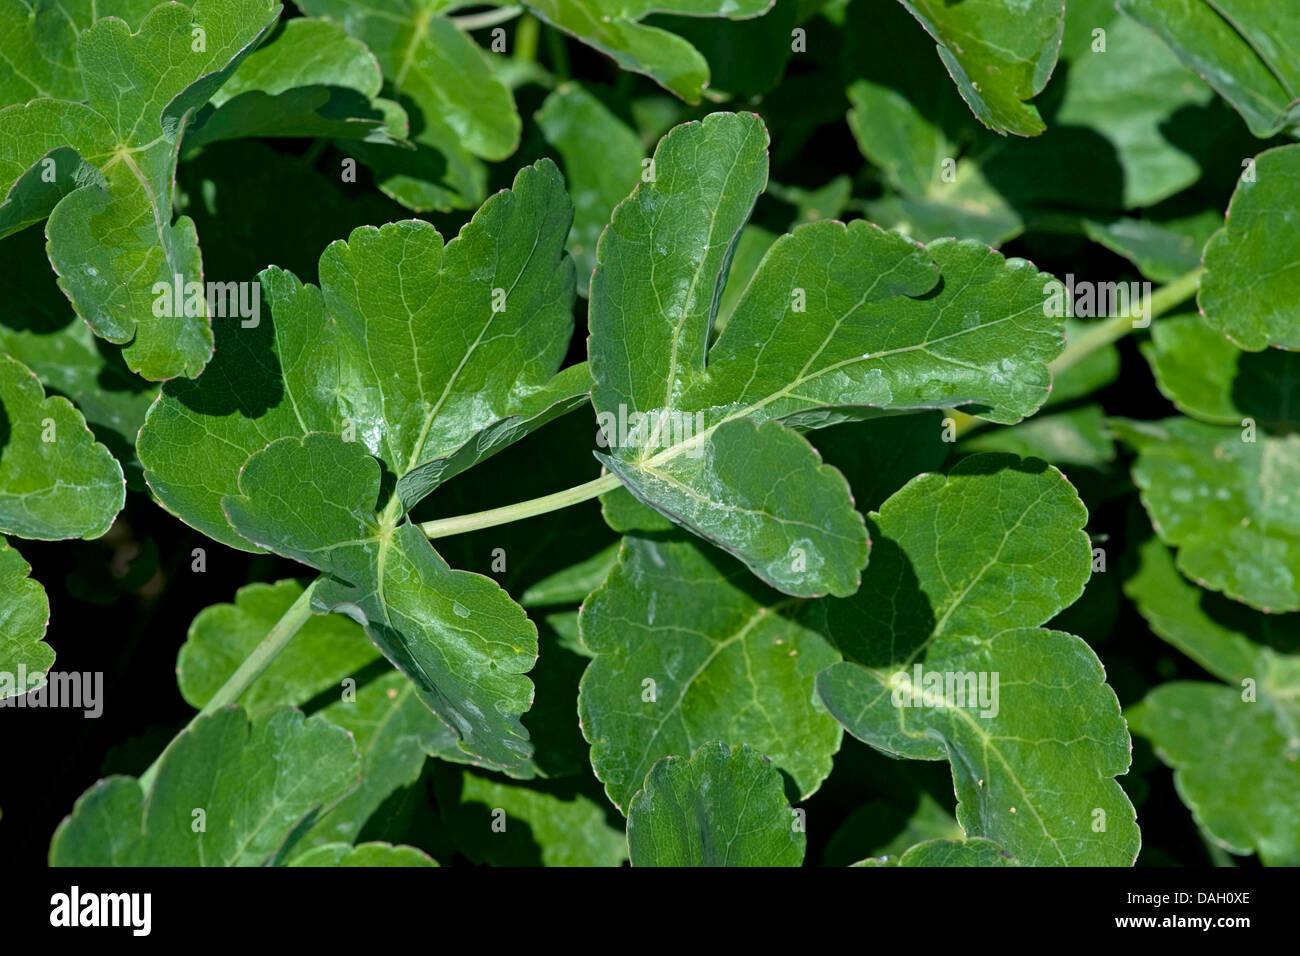 Laser trilobum (Laser trilobum), leaves, Germany - Stock Image